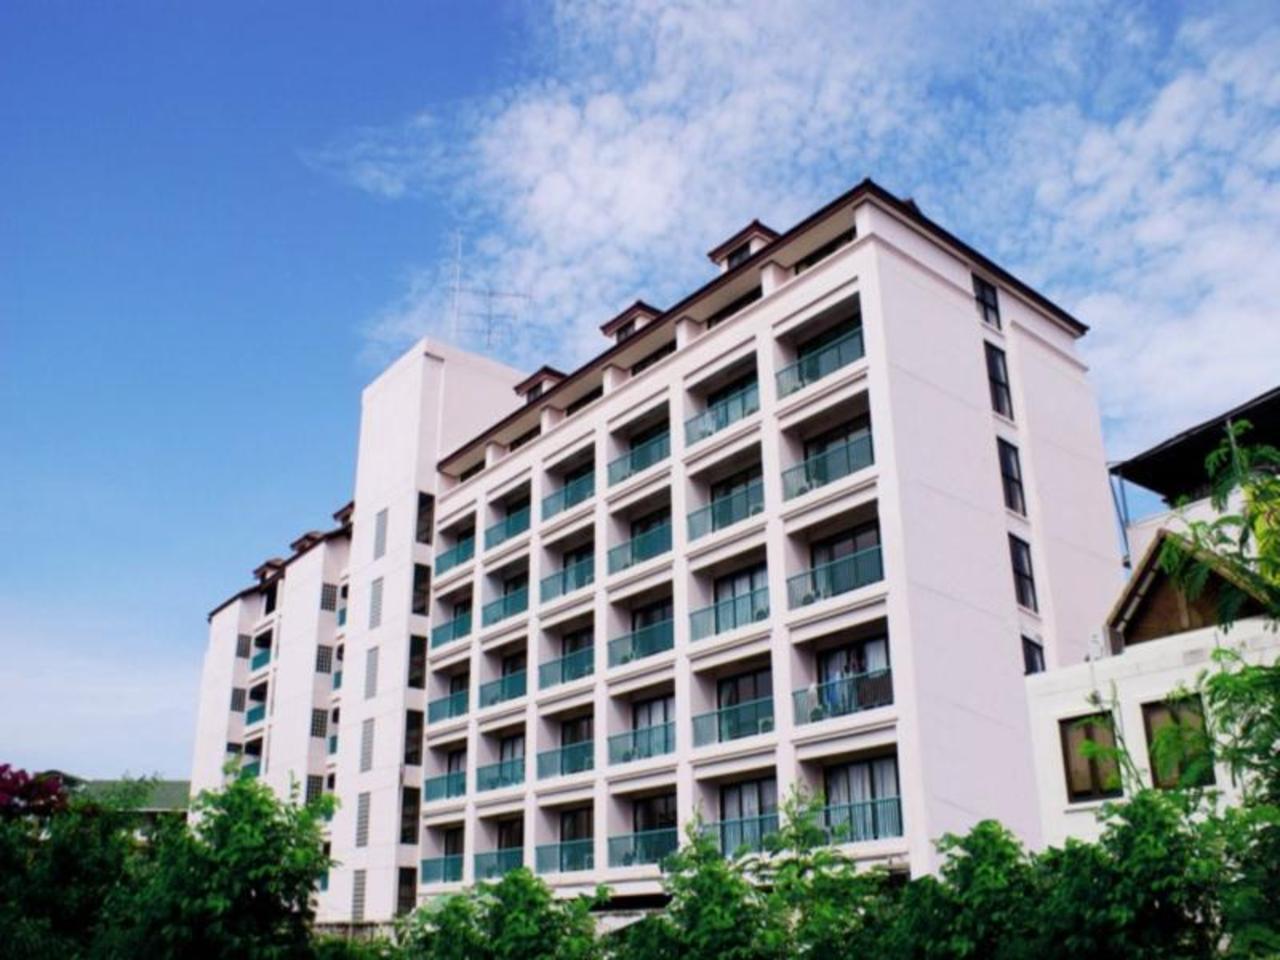 โรงแรมไดมอนด์ ซิตี้ เพลส (Diamond City Place Hotel)